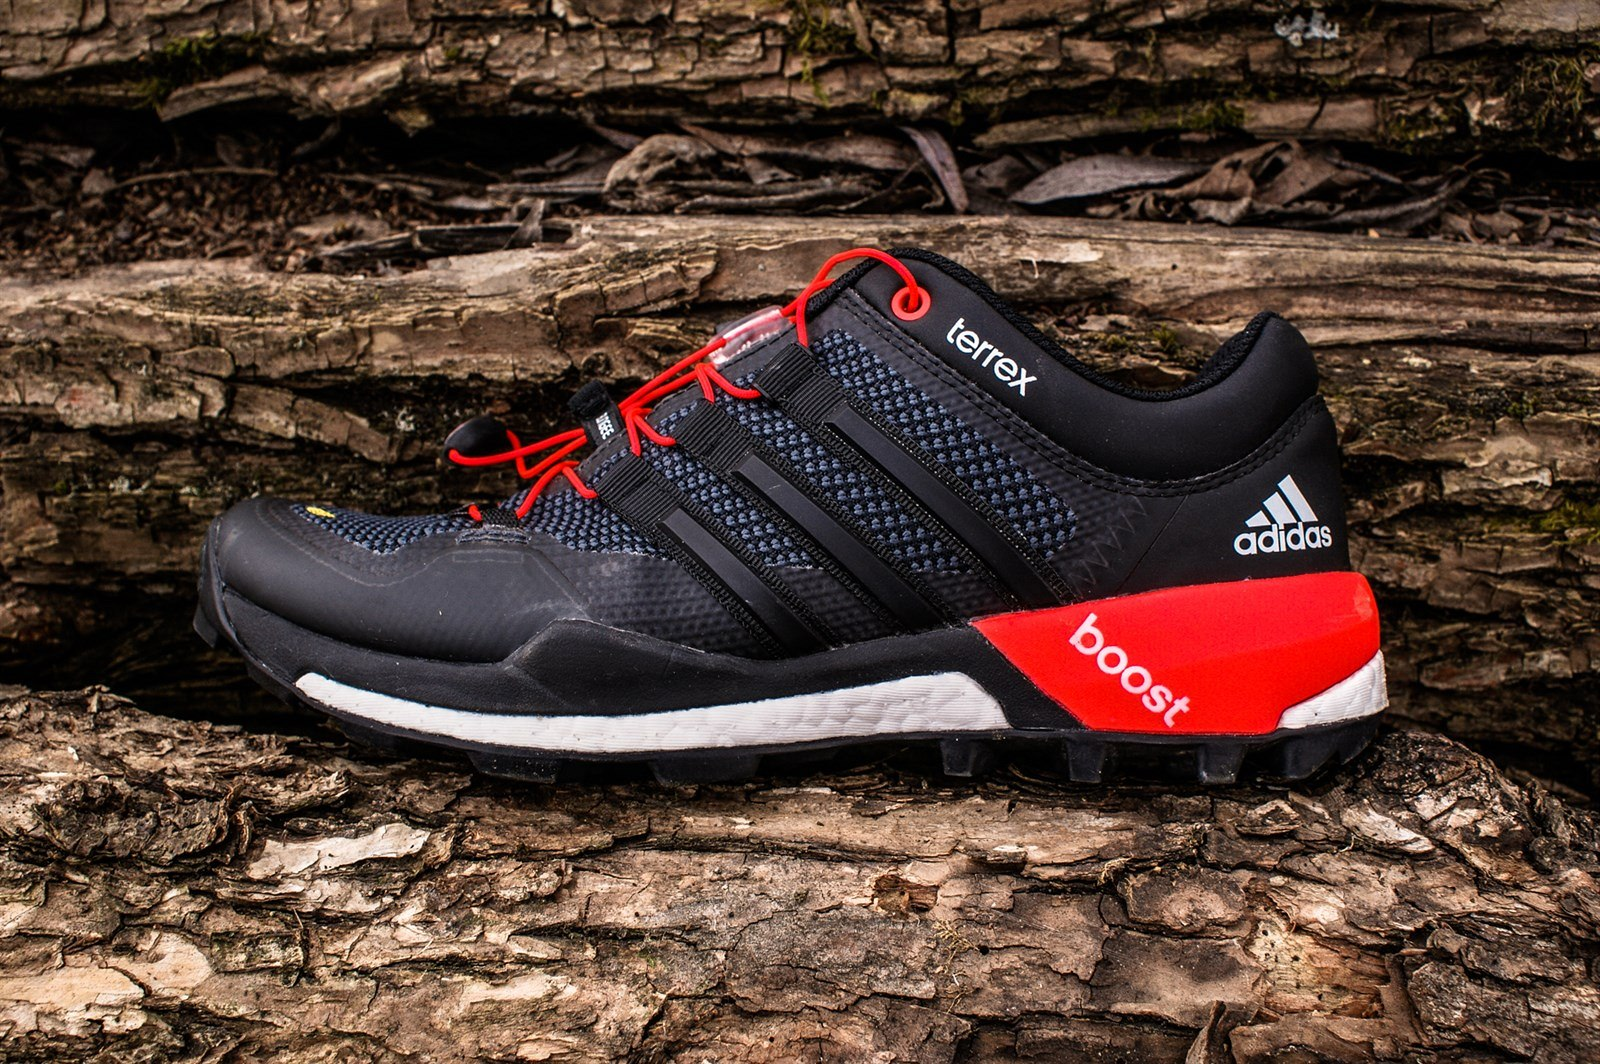 Fotogalerie  Adidas Terrex Boost - přináší premiéru tlumicí pěny Boost do  terénu. a15ce99d741